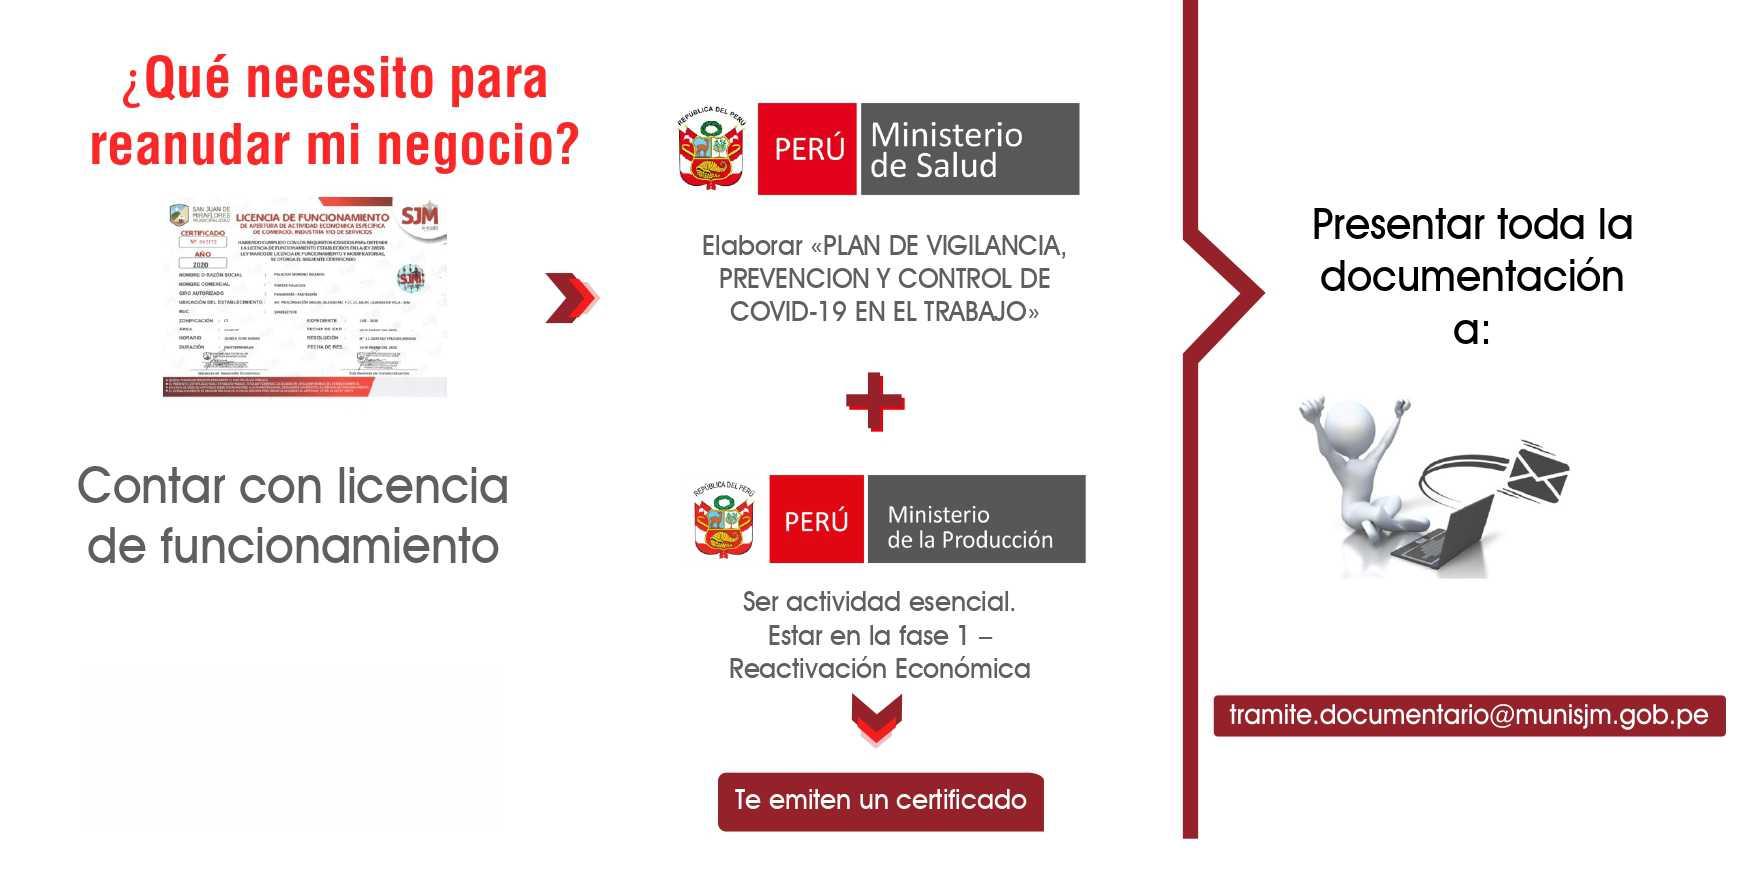 RENOVACION DE LICENCIA DE FUNCIONAMIENTO EN ATE